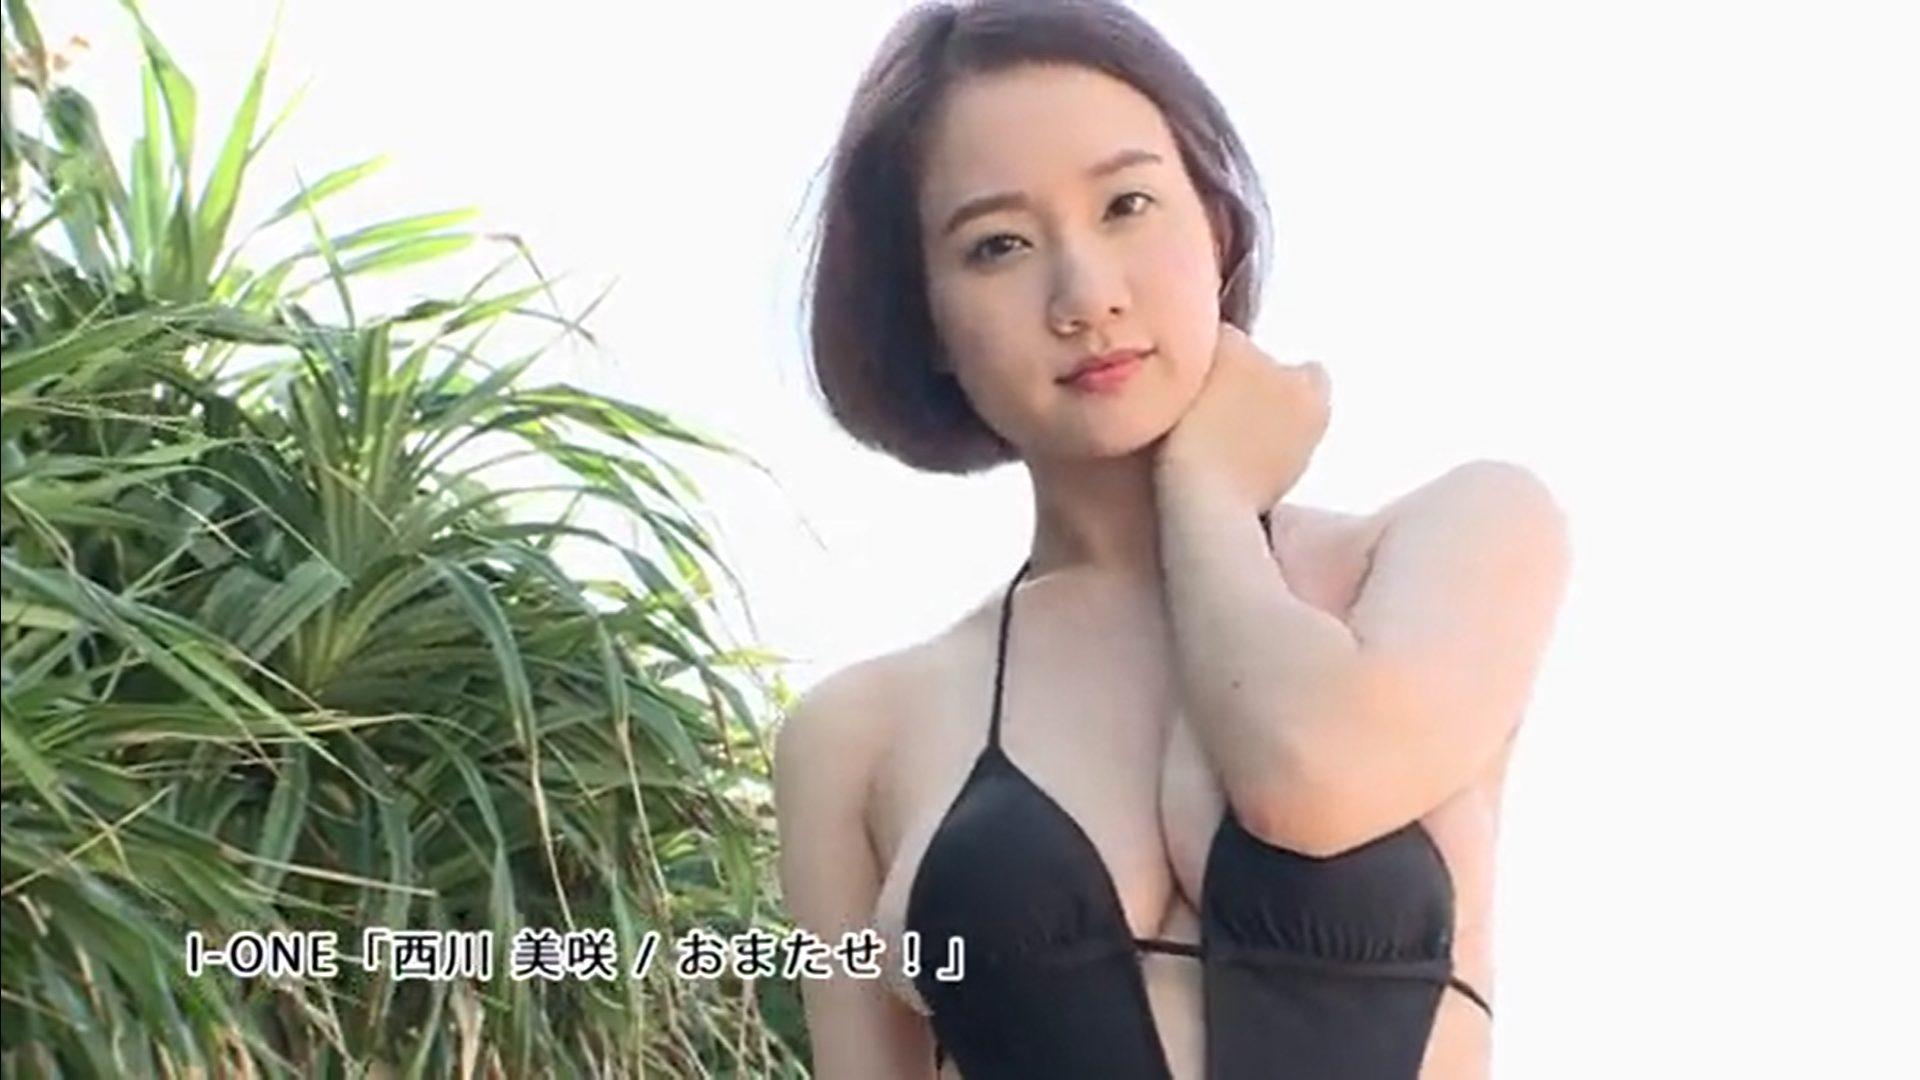 【西川美咲】Gカップ 「おまたせ!」サンプル動画